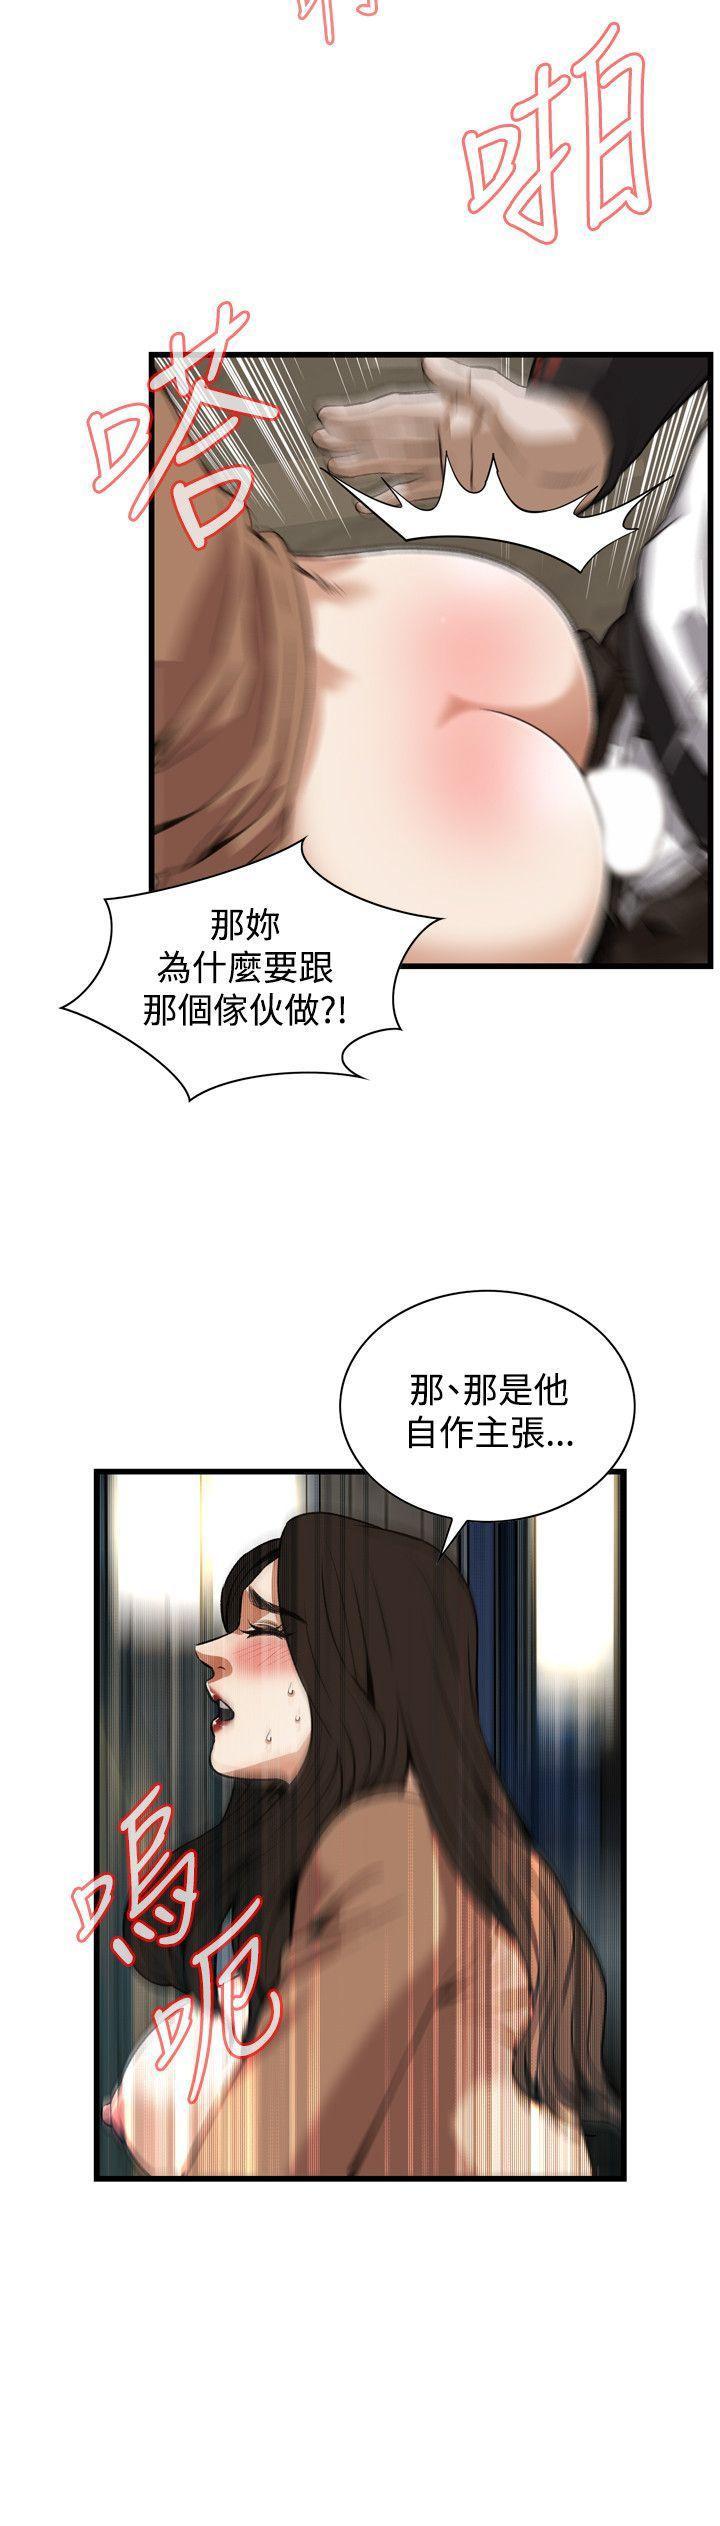 偷窥72-93 Chinese Rsiky 397